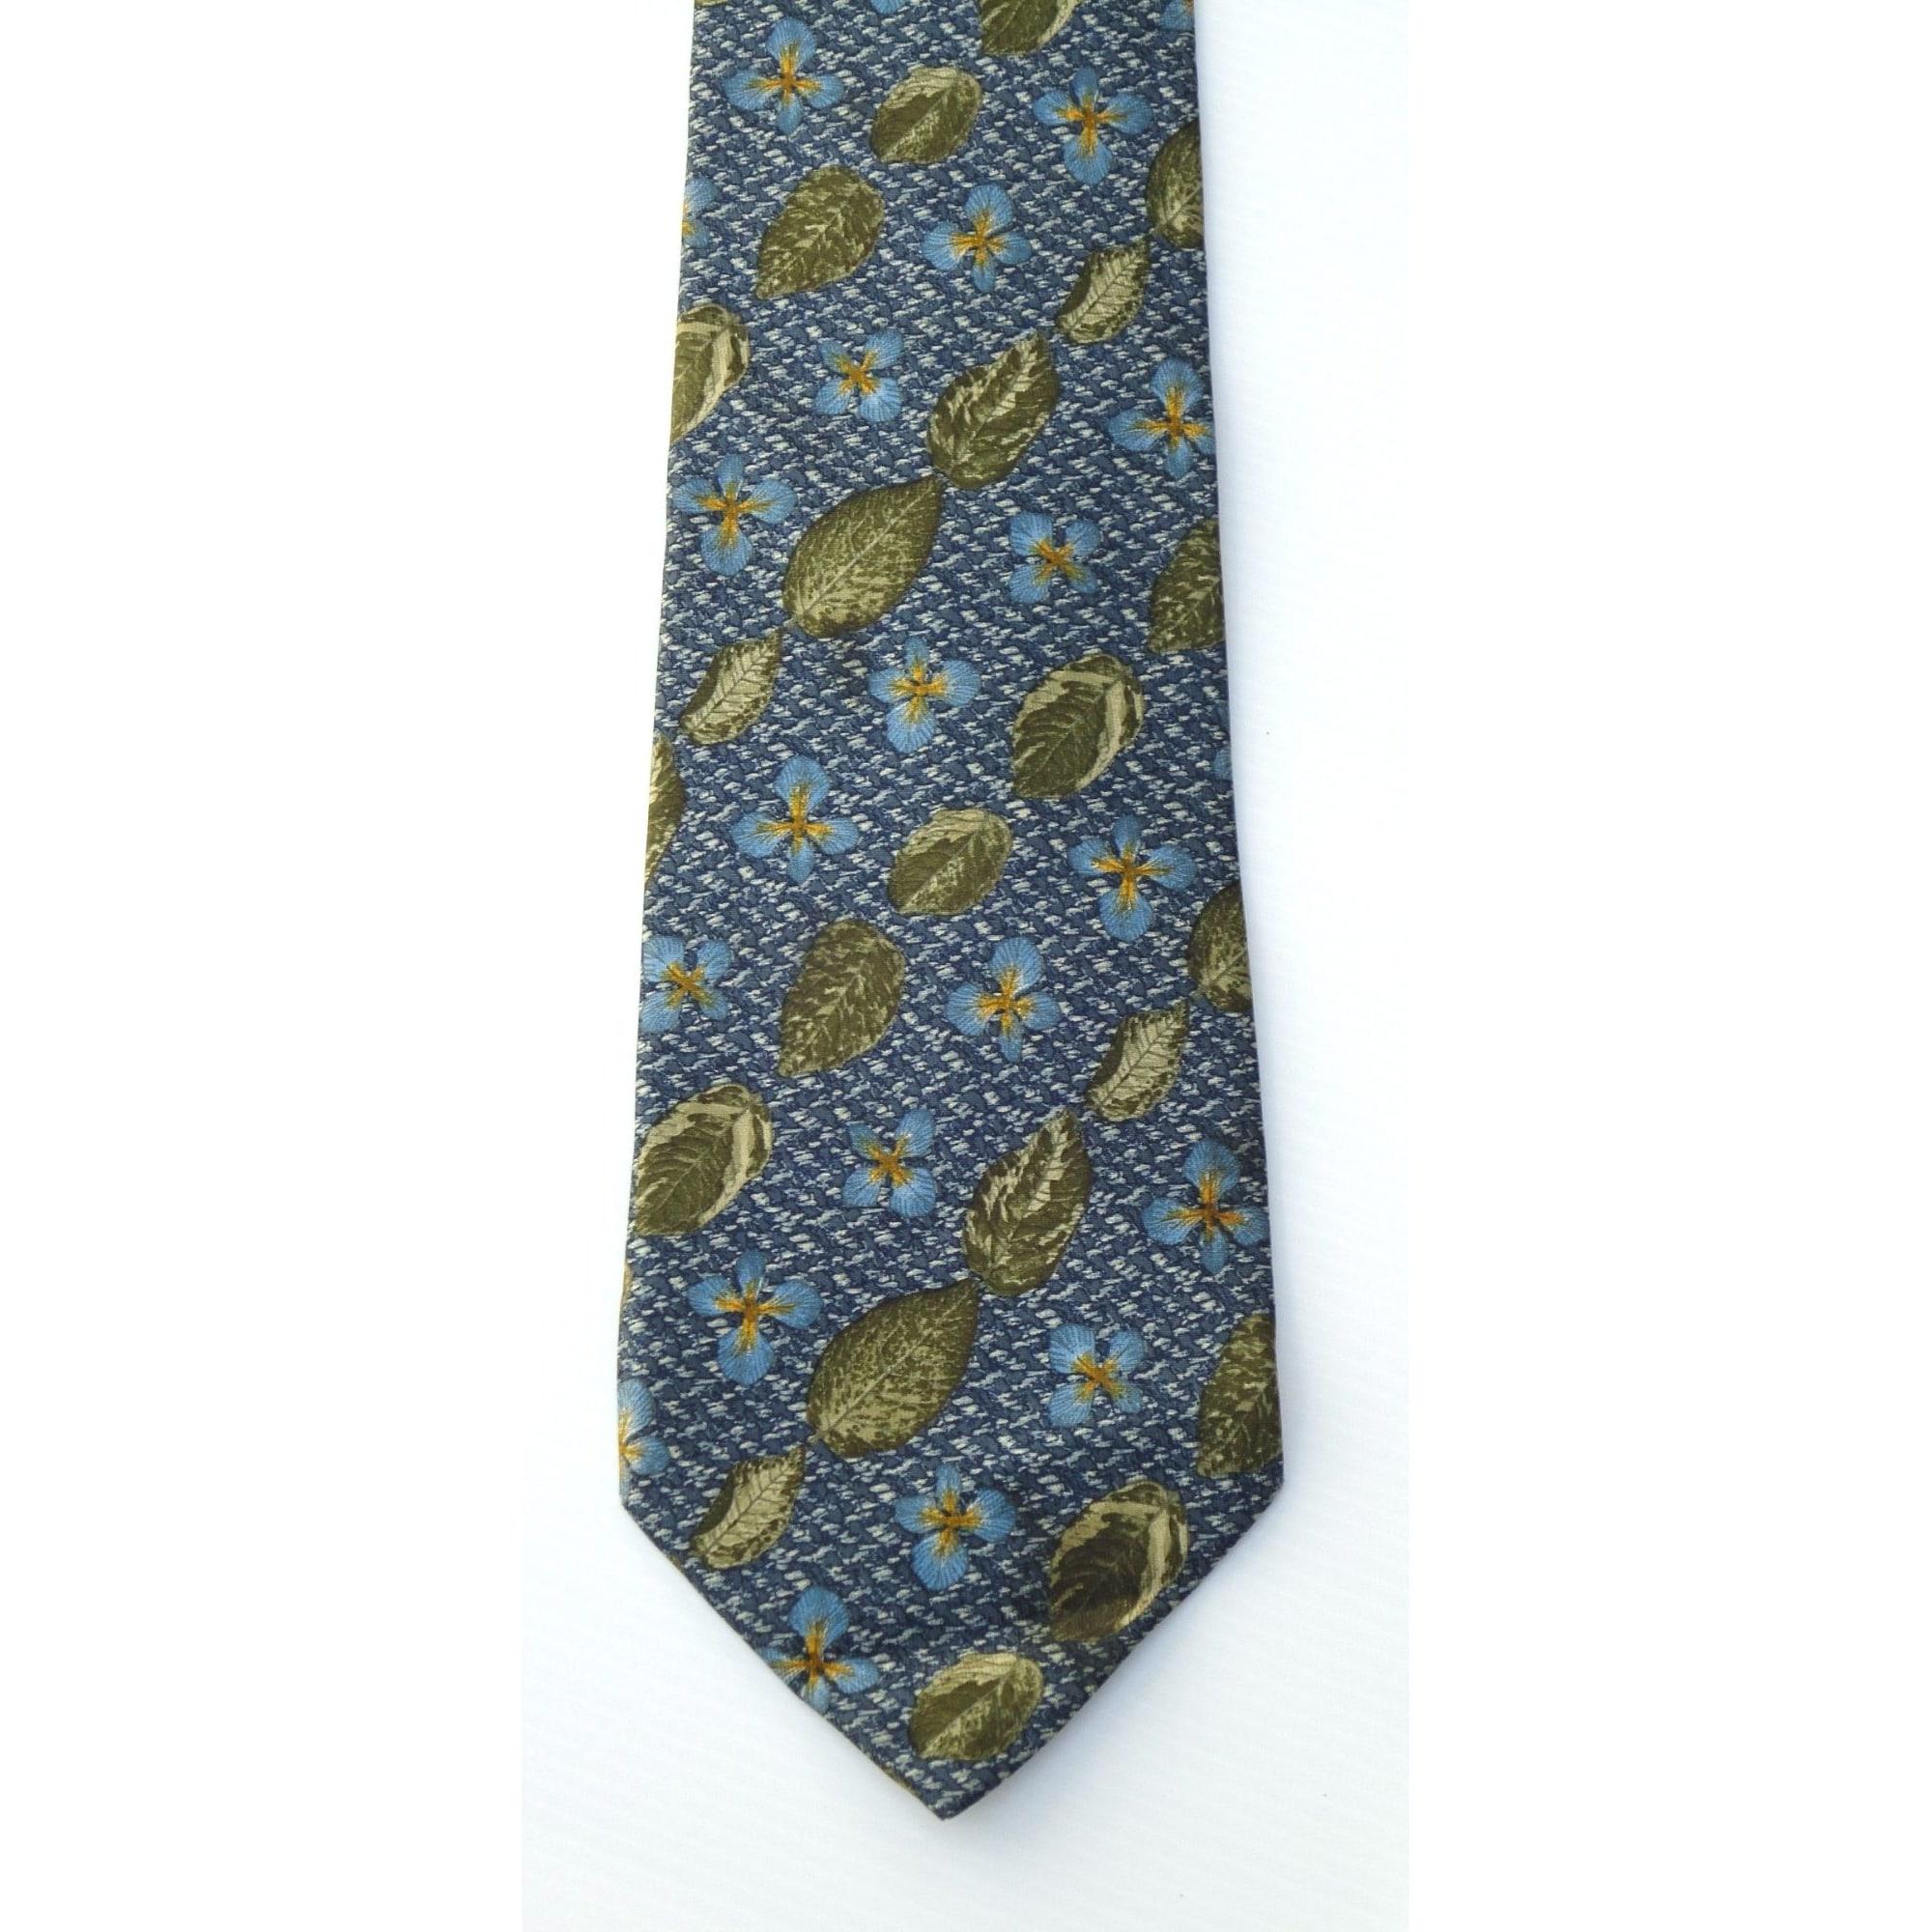 Cravate CACHAREL Bleu, bleu marine, bleu turquoise